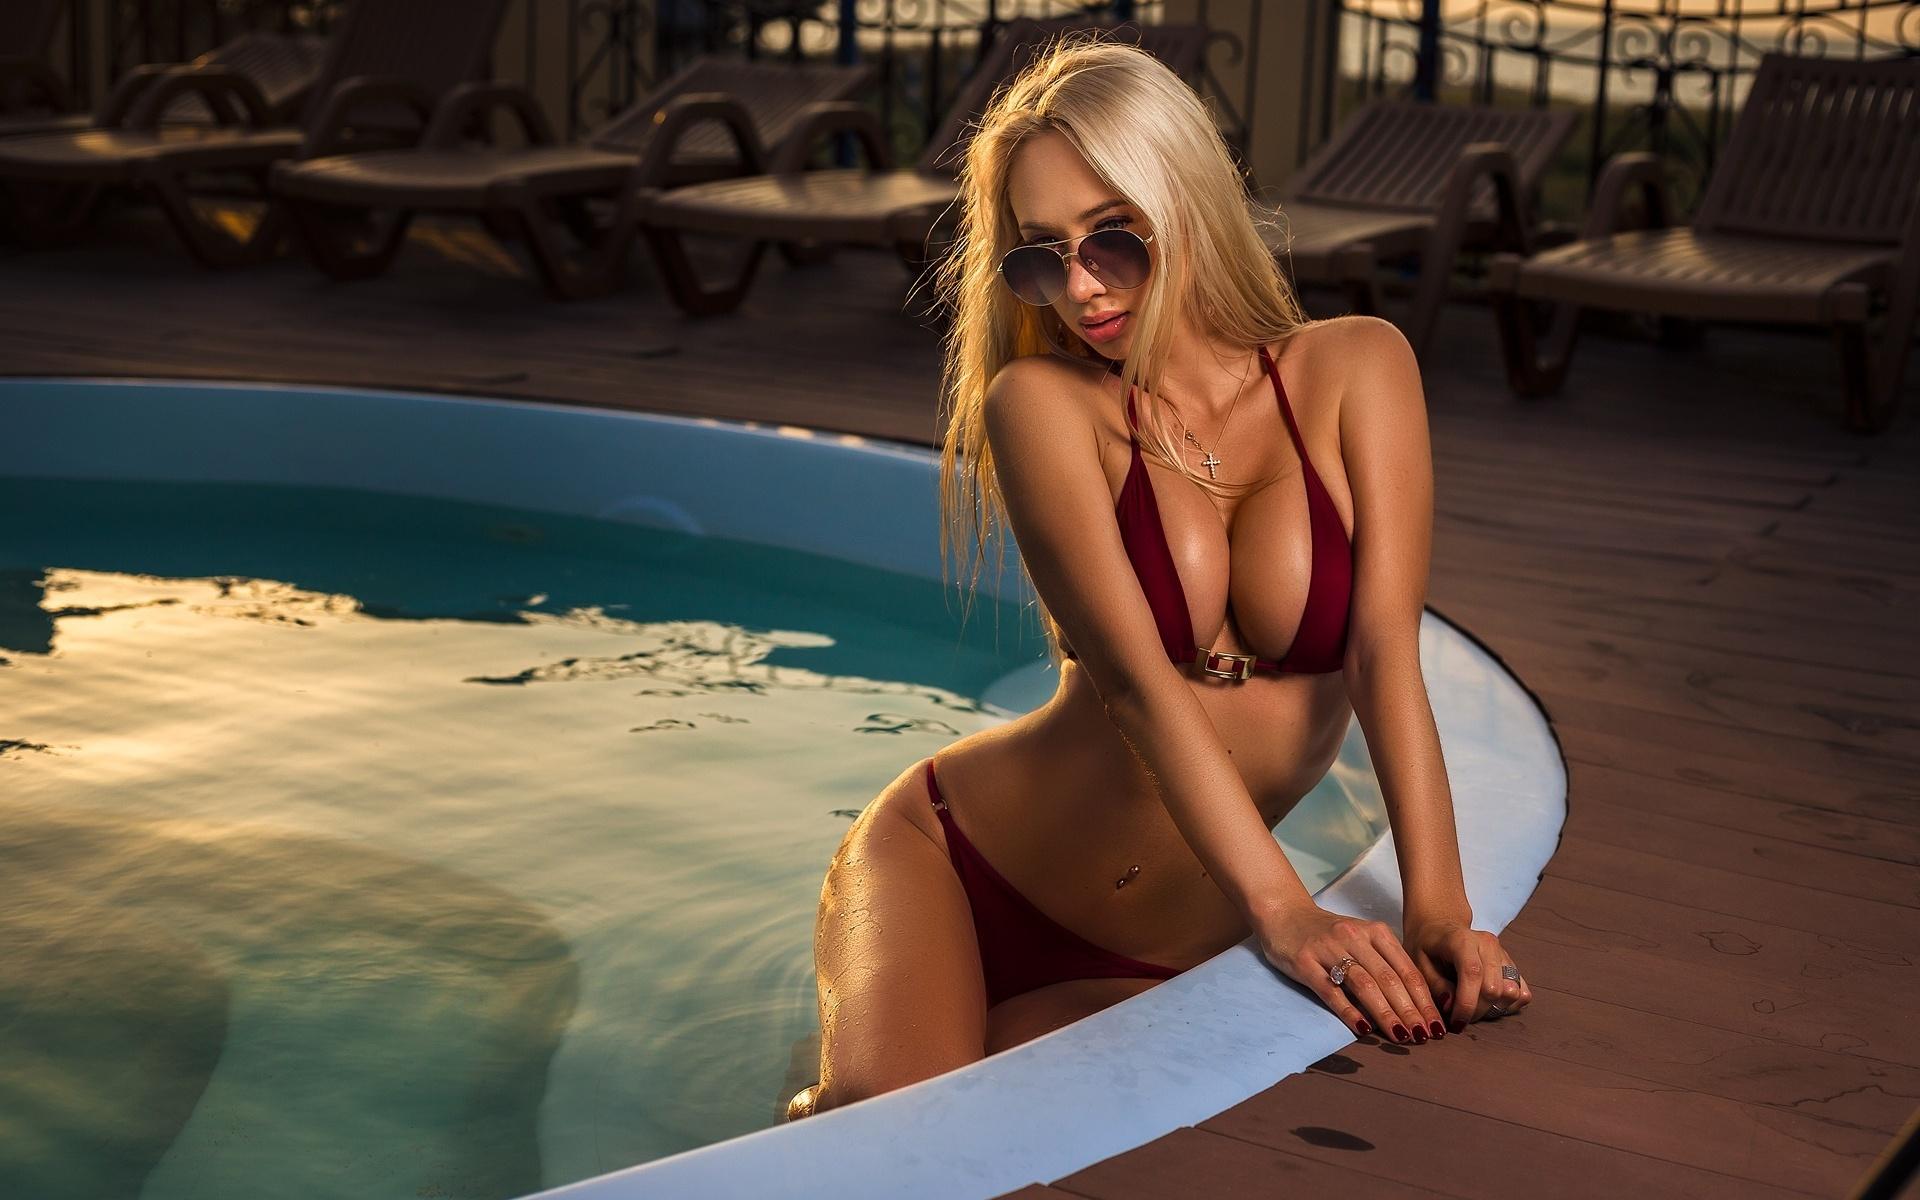 бассейн, блондинка, очки, олег смольянинов